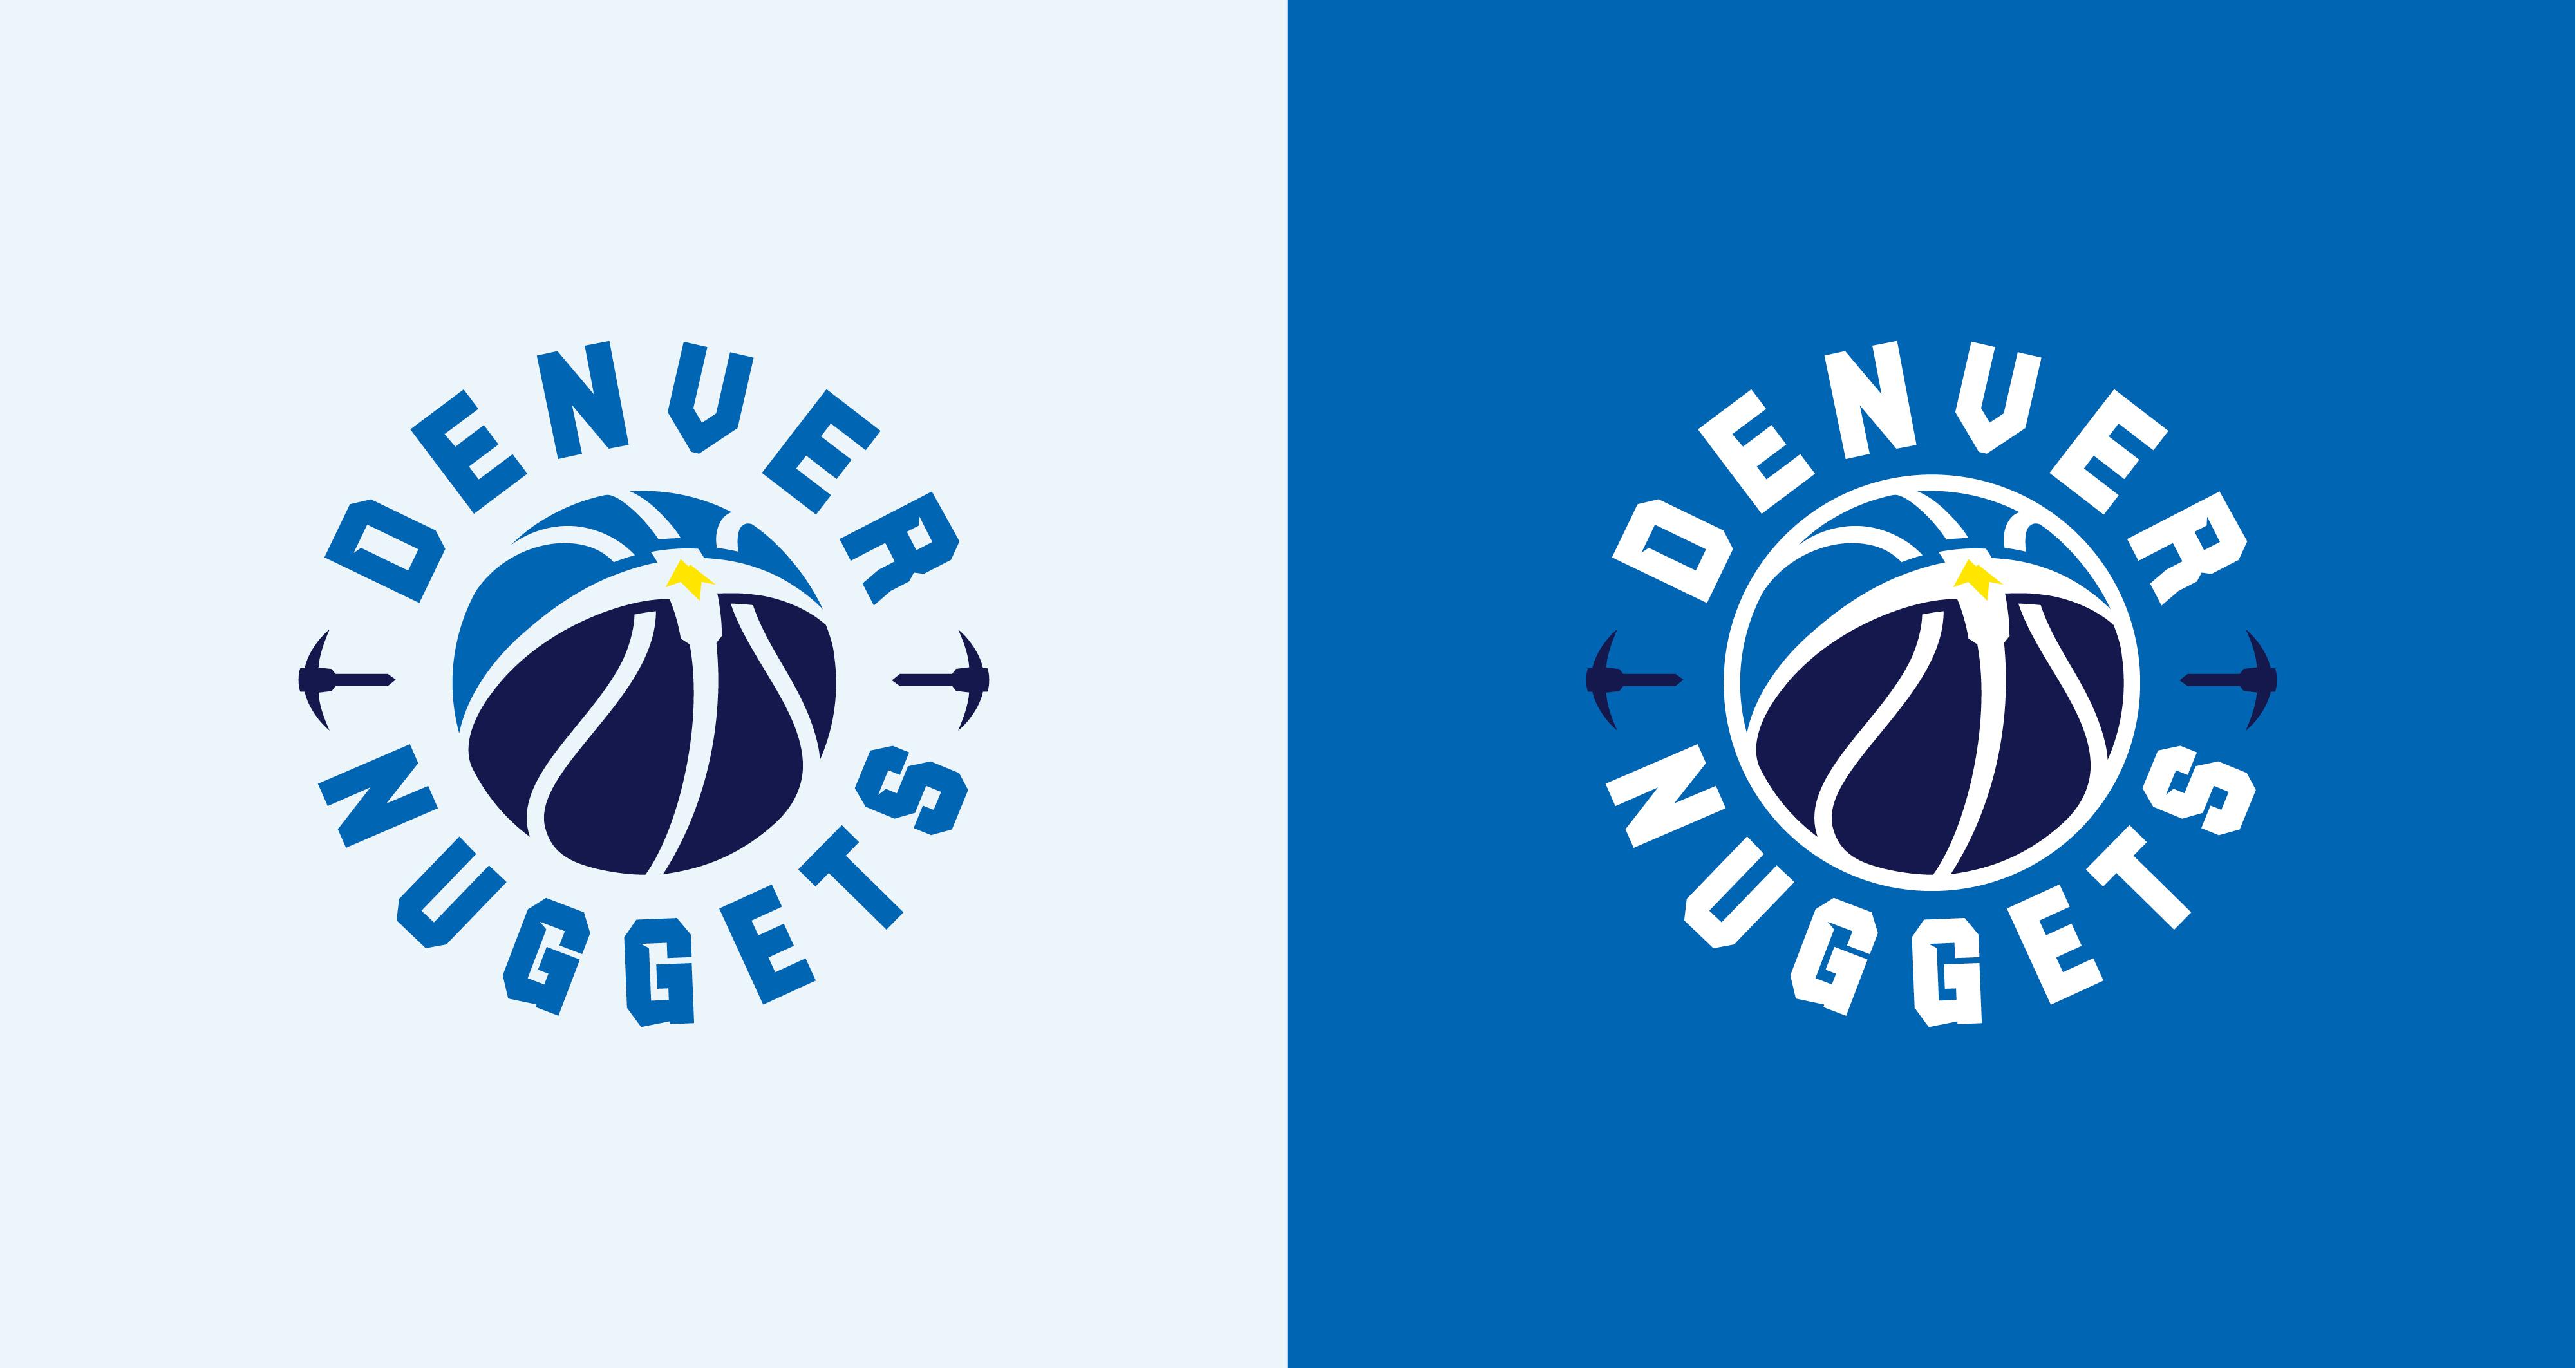 Denvernuggets designsystem3